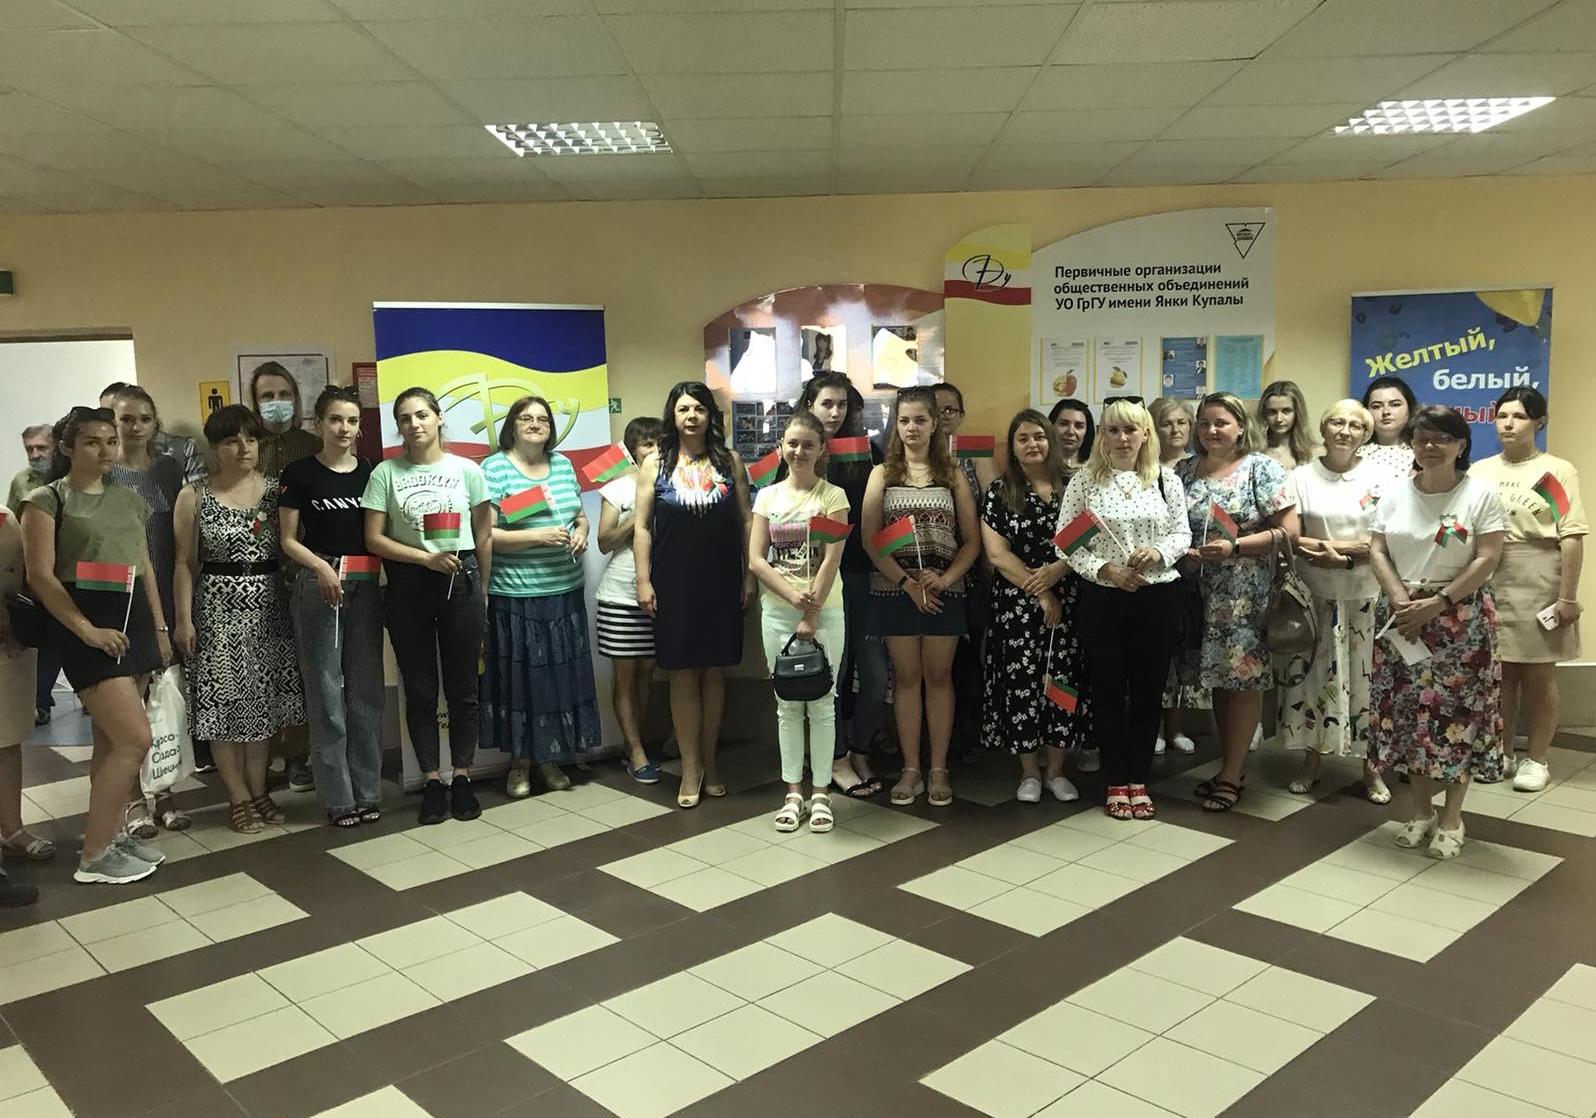 Представители факультета экономики и управления приняли участие в акциях «Память», организованных Купаловским университетом